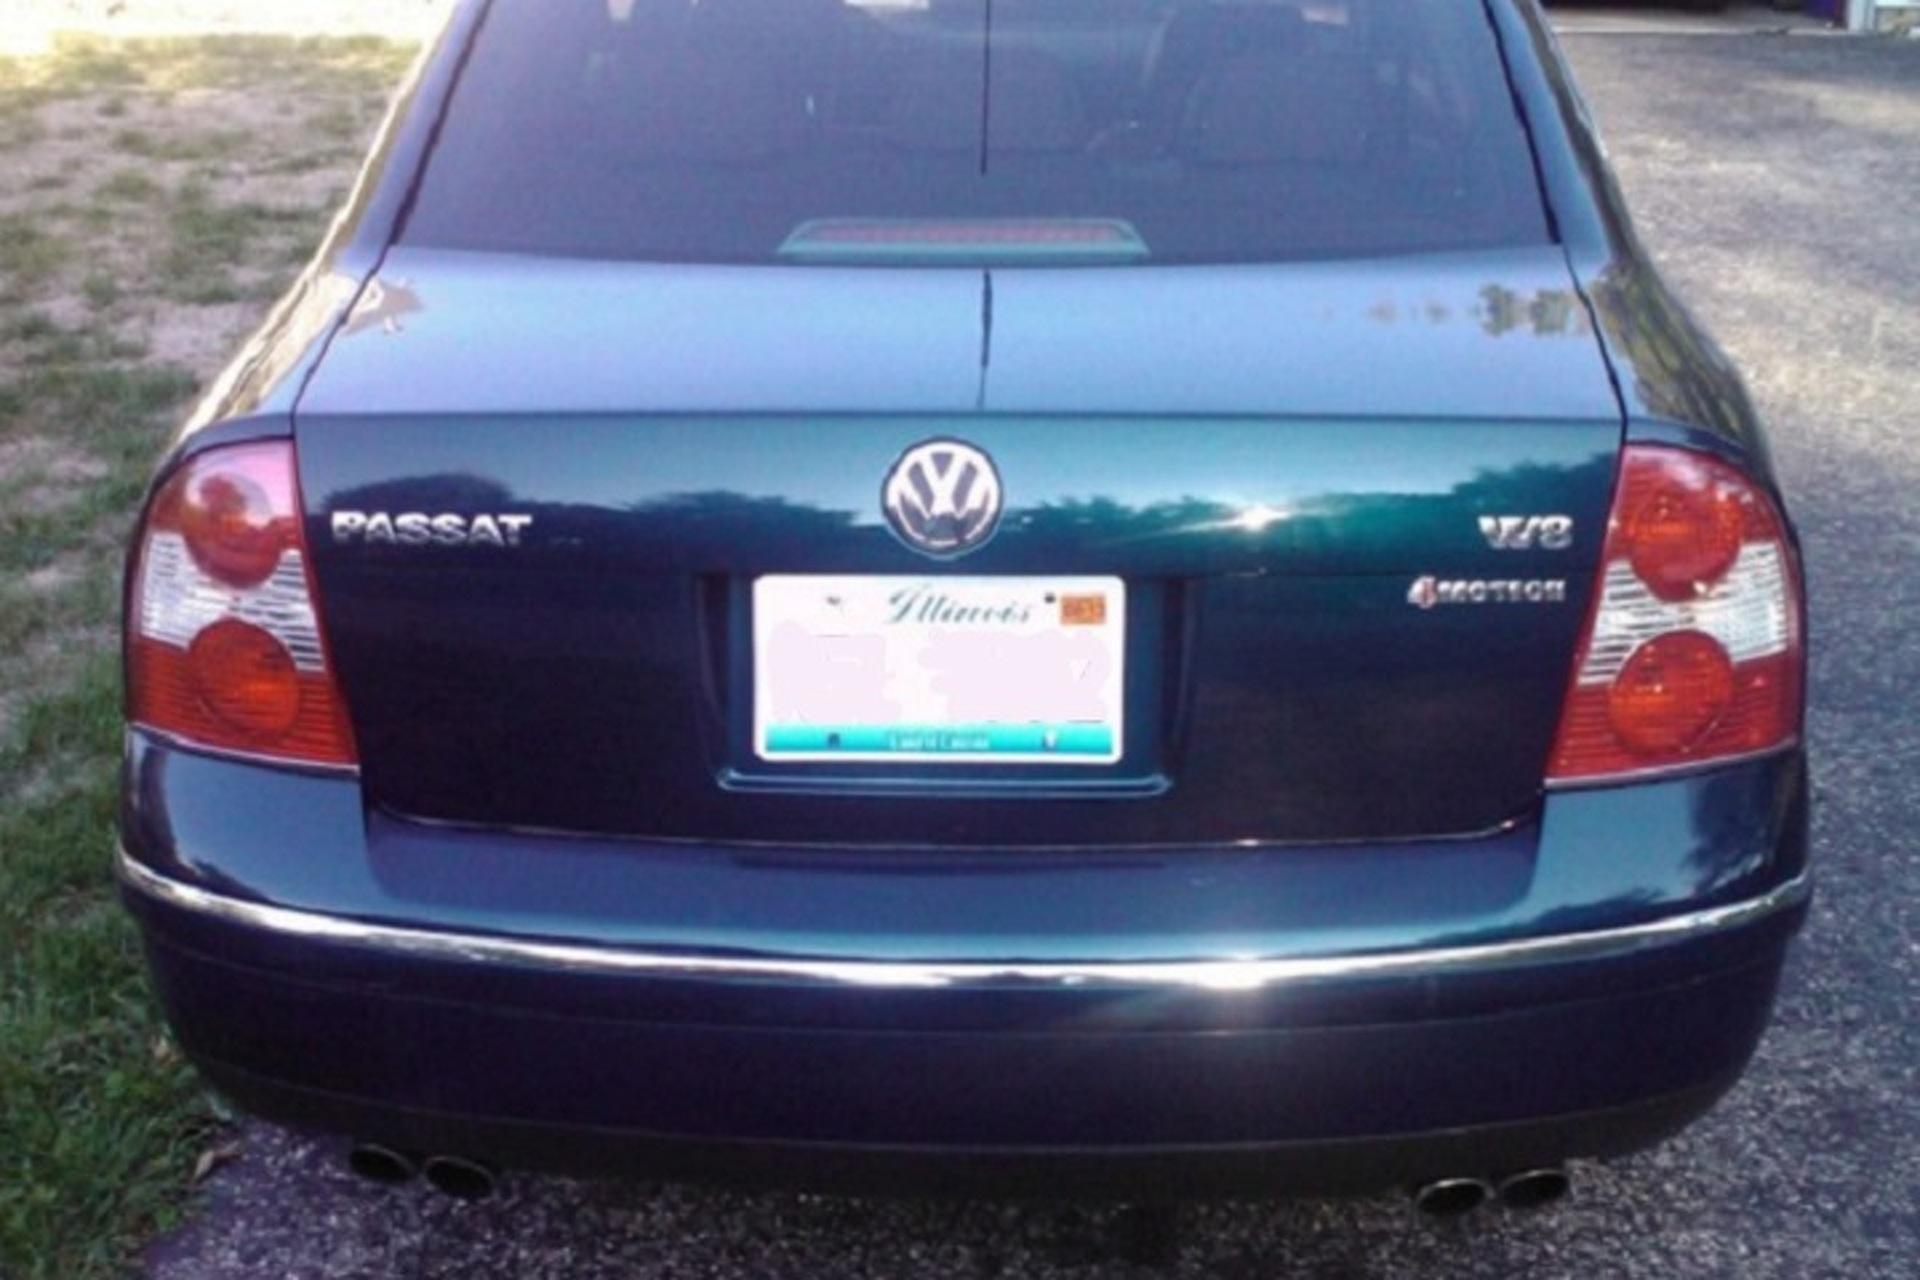 The Unluckiest Used Volkswagen Passat W8